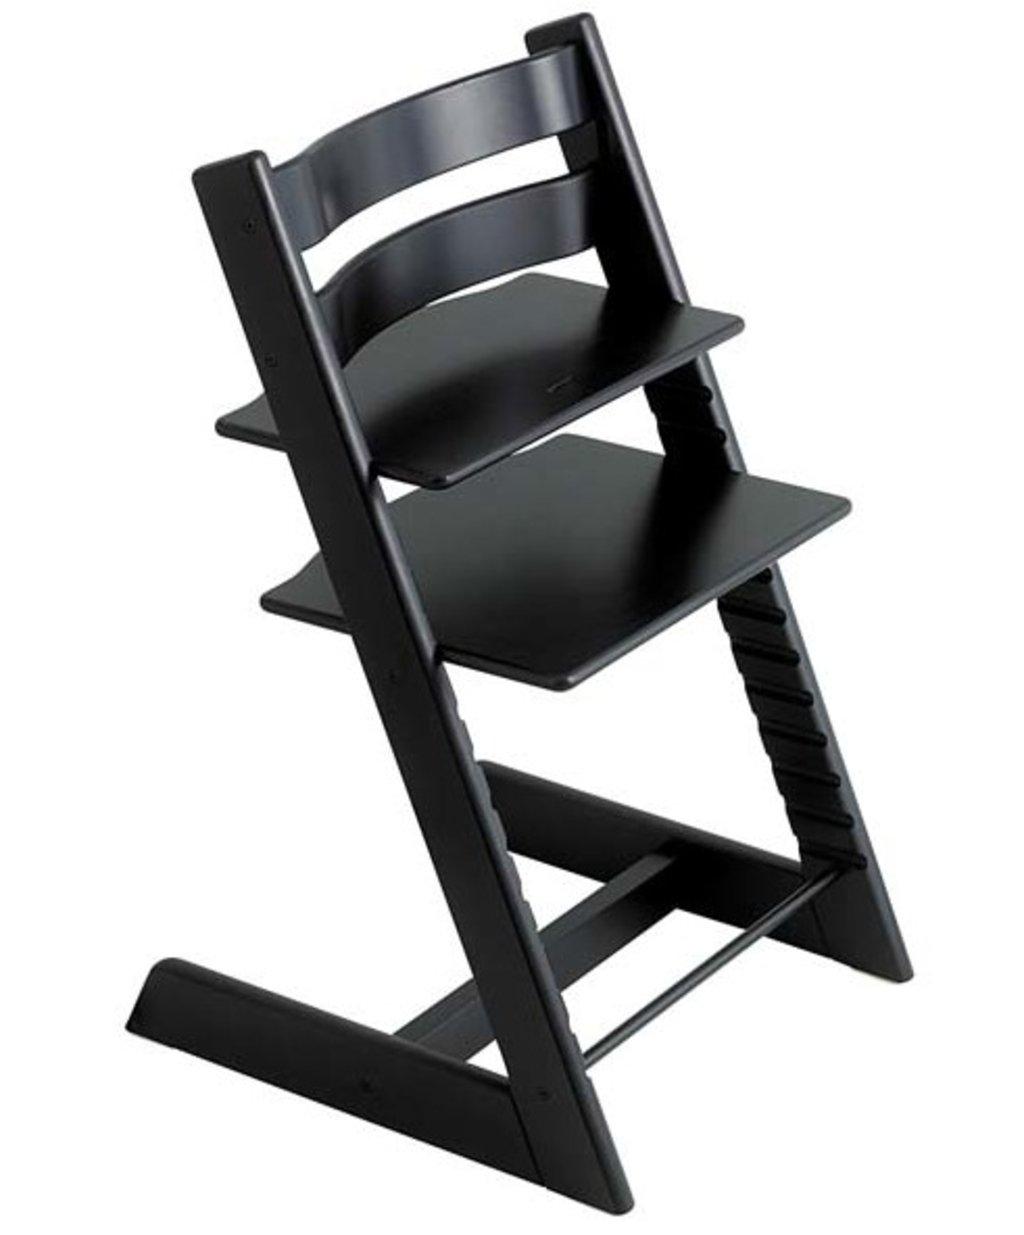 Liste de naissance d 39 automne sur mes envies for Acheter chaise stokke